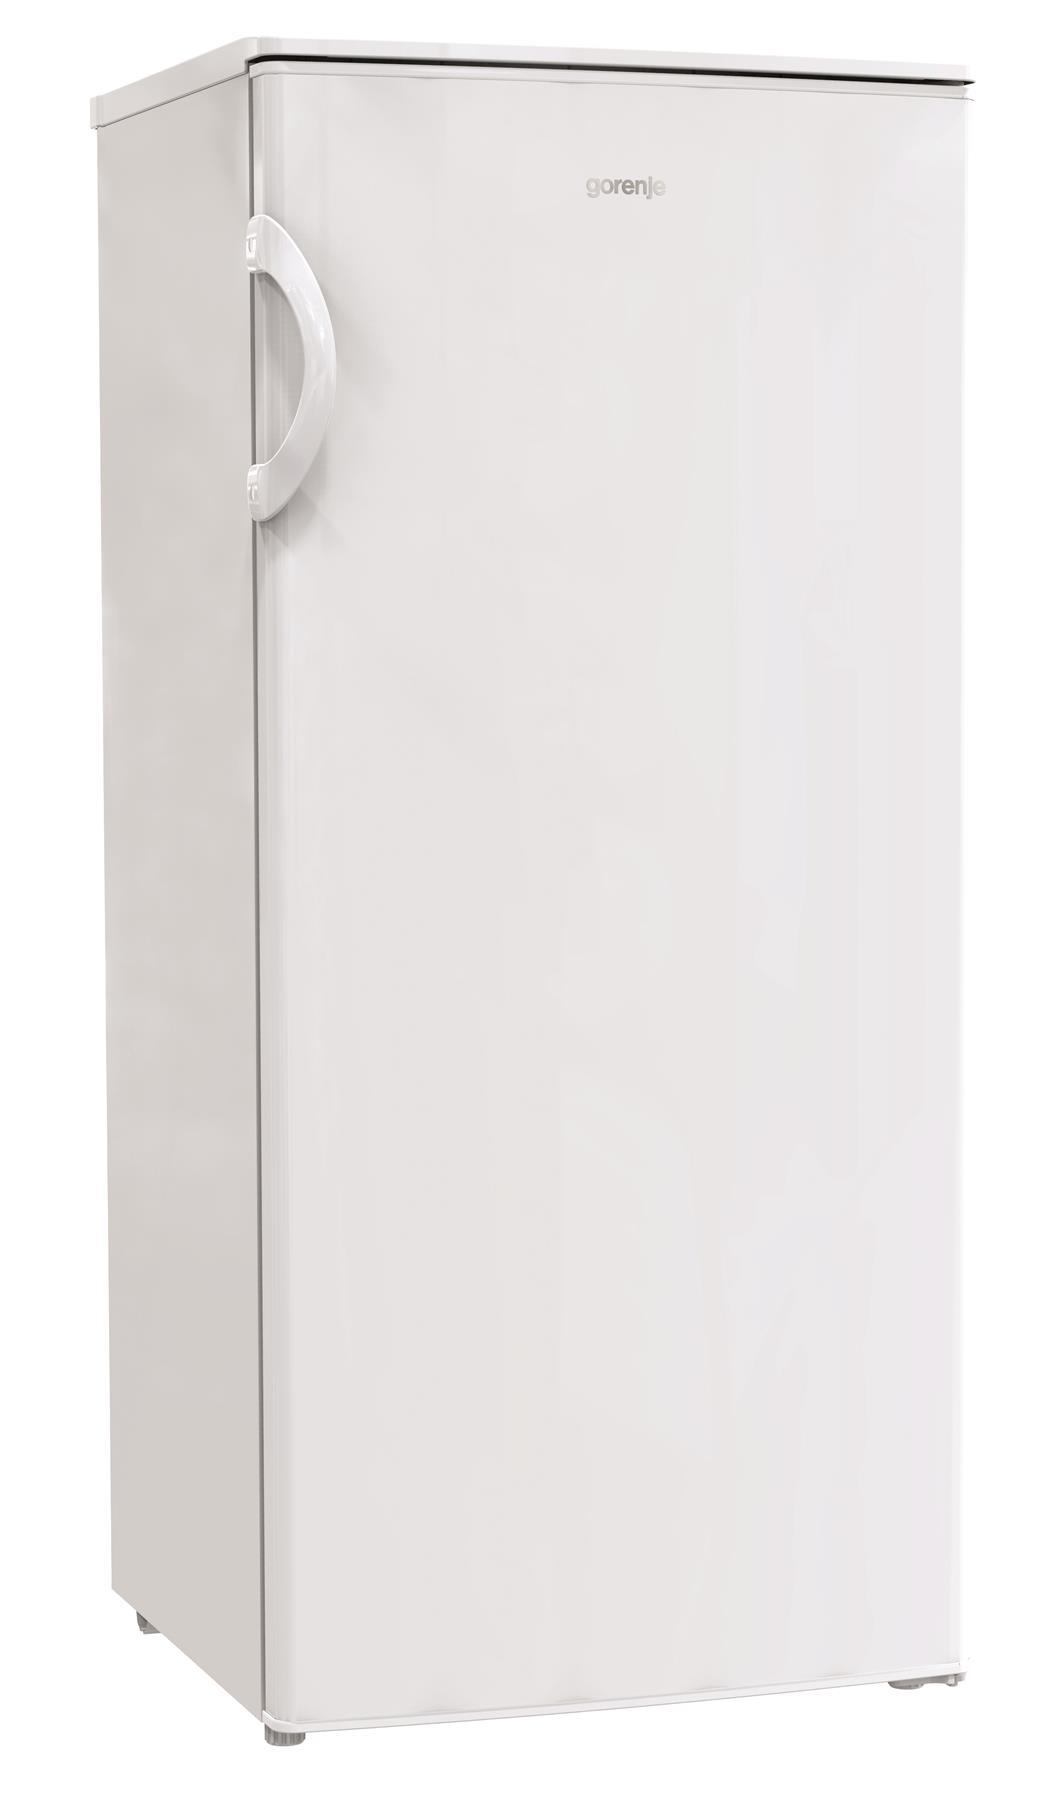 Hladilnik RB4121ANW HLADILNIK GORENJE